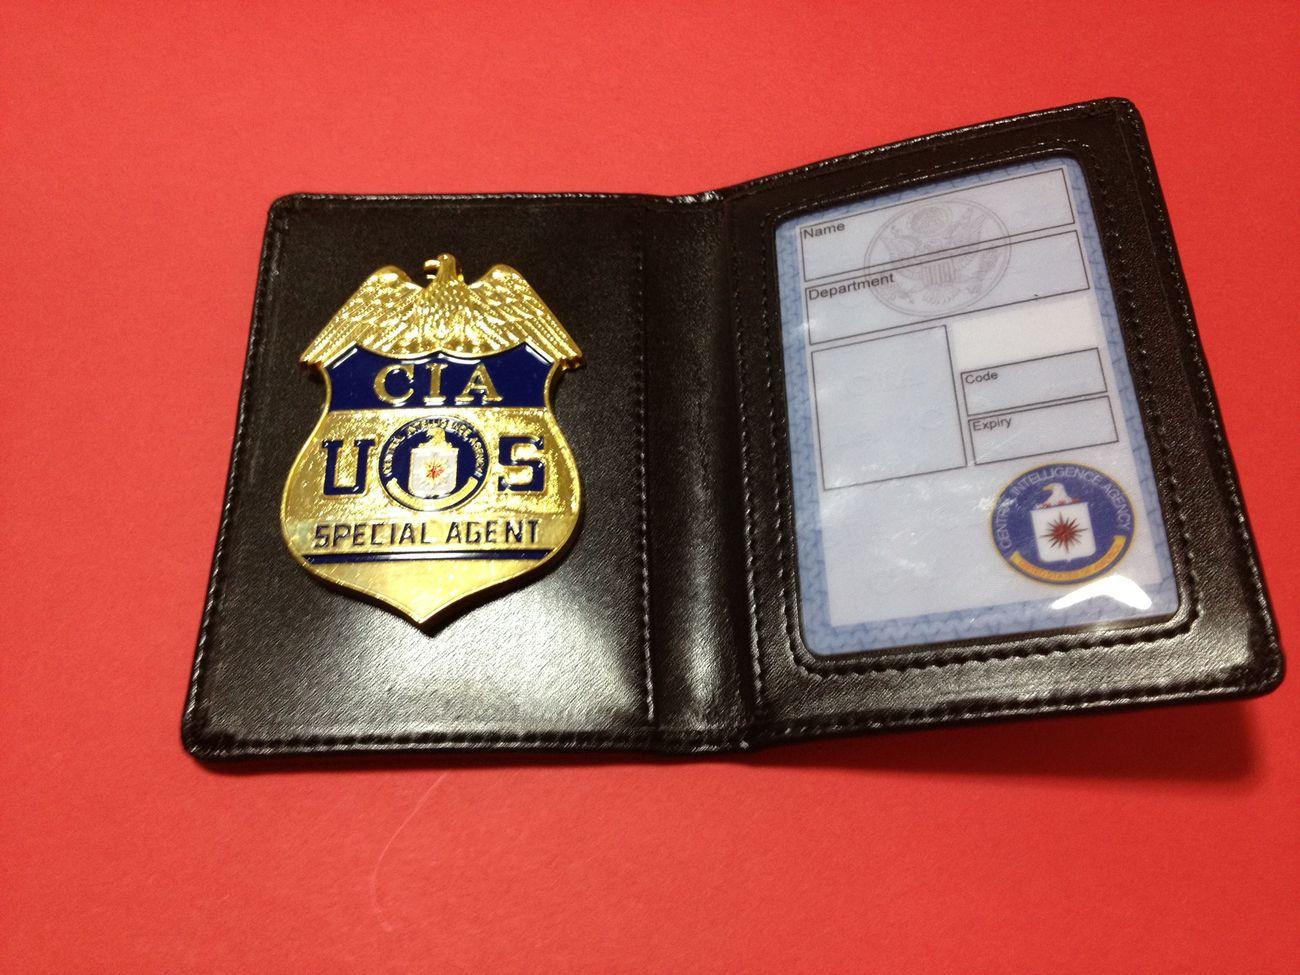 Cia Badge Quotes